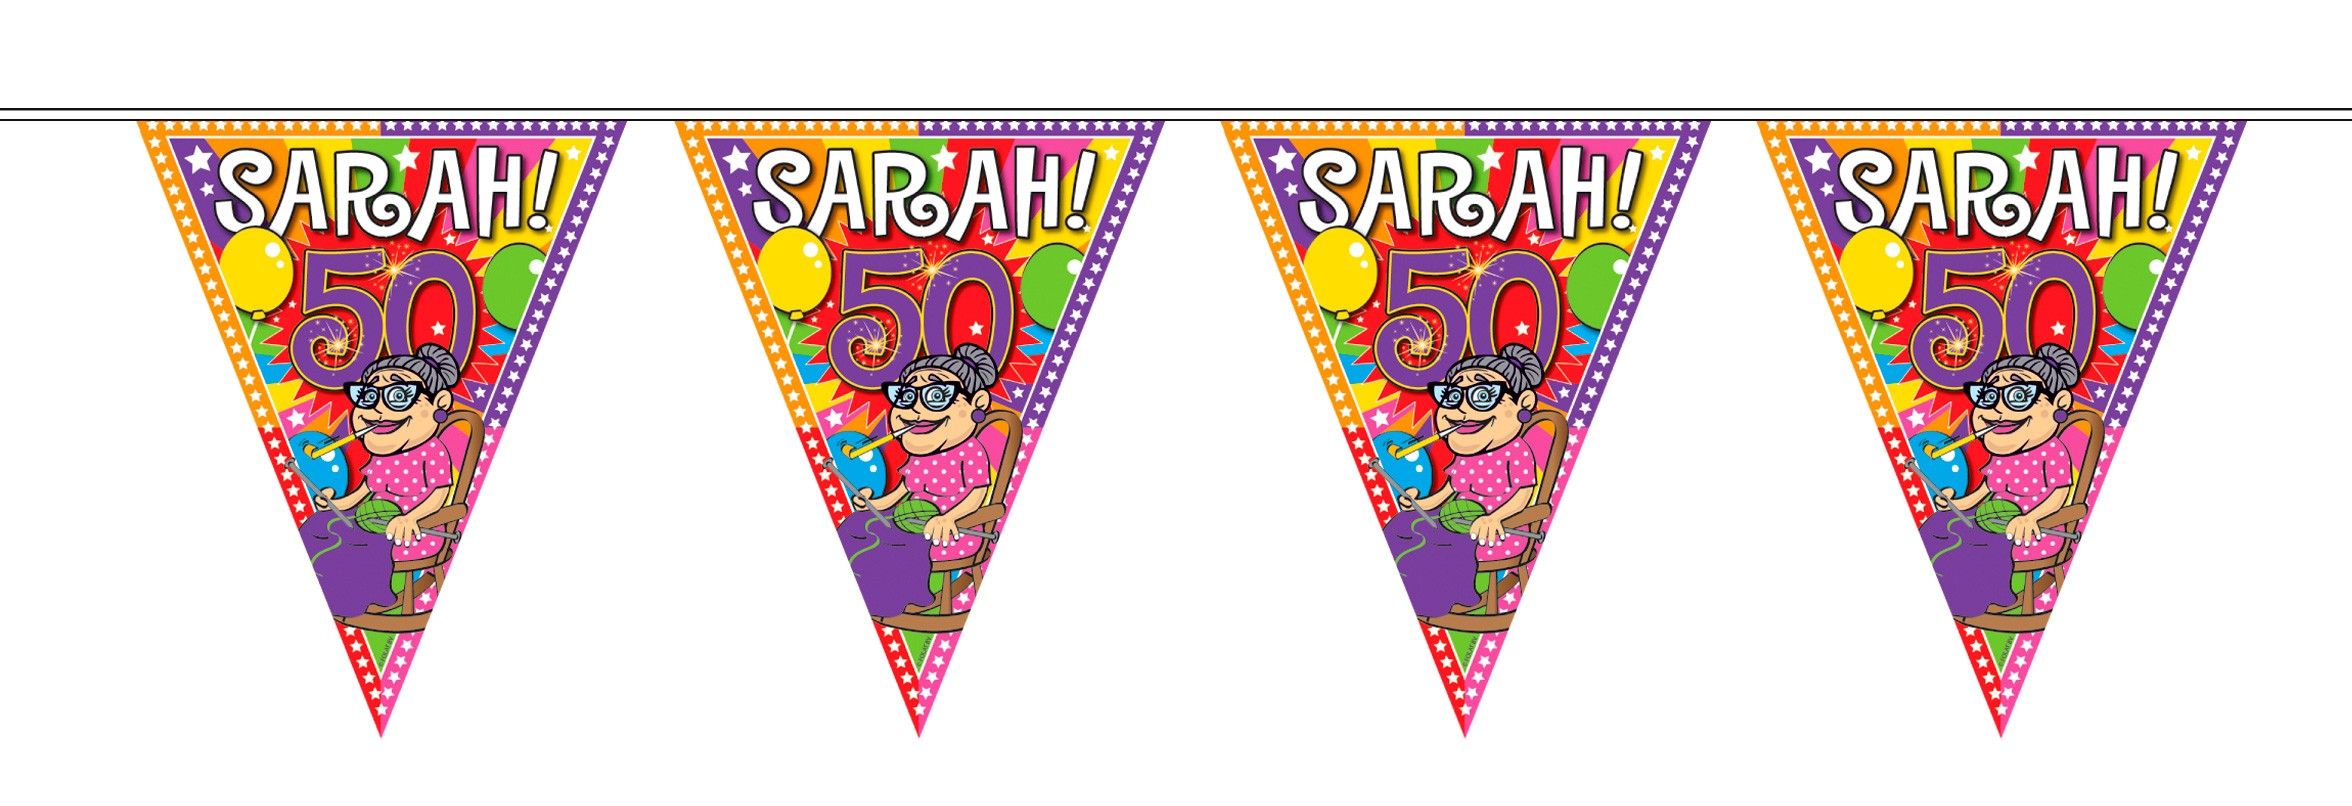 Sarah Vlaggenlijn